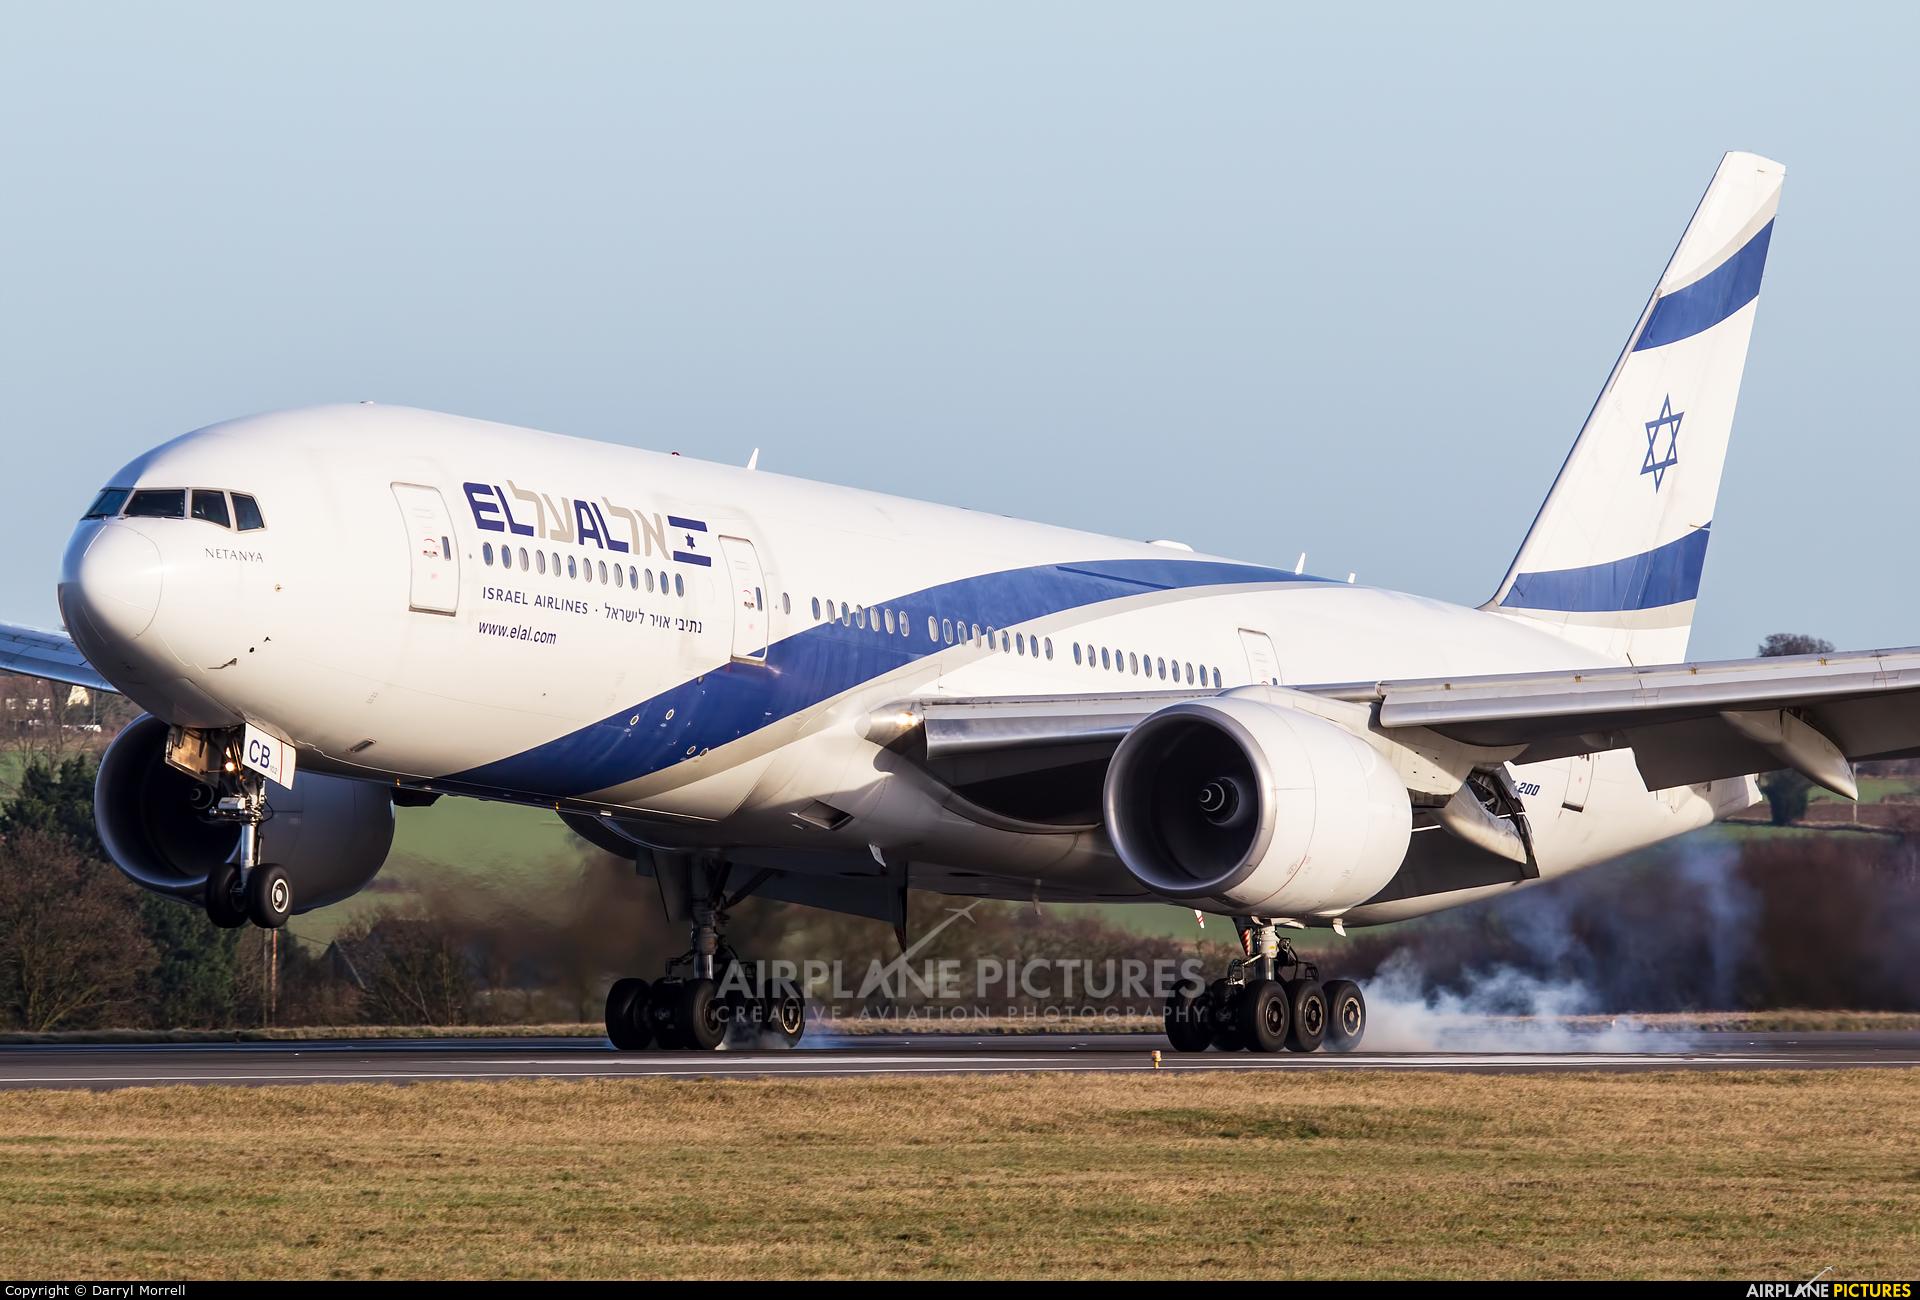 El Al Israel Airlines 4X-ECB aircraft at London - Luton